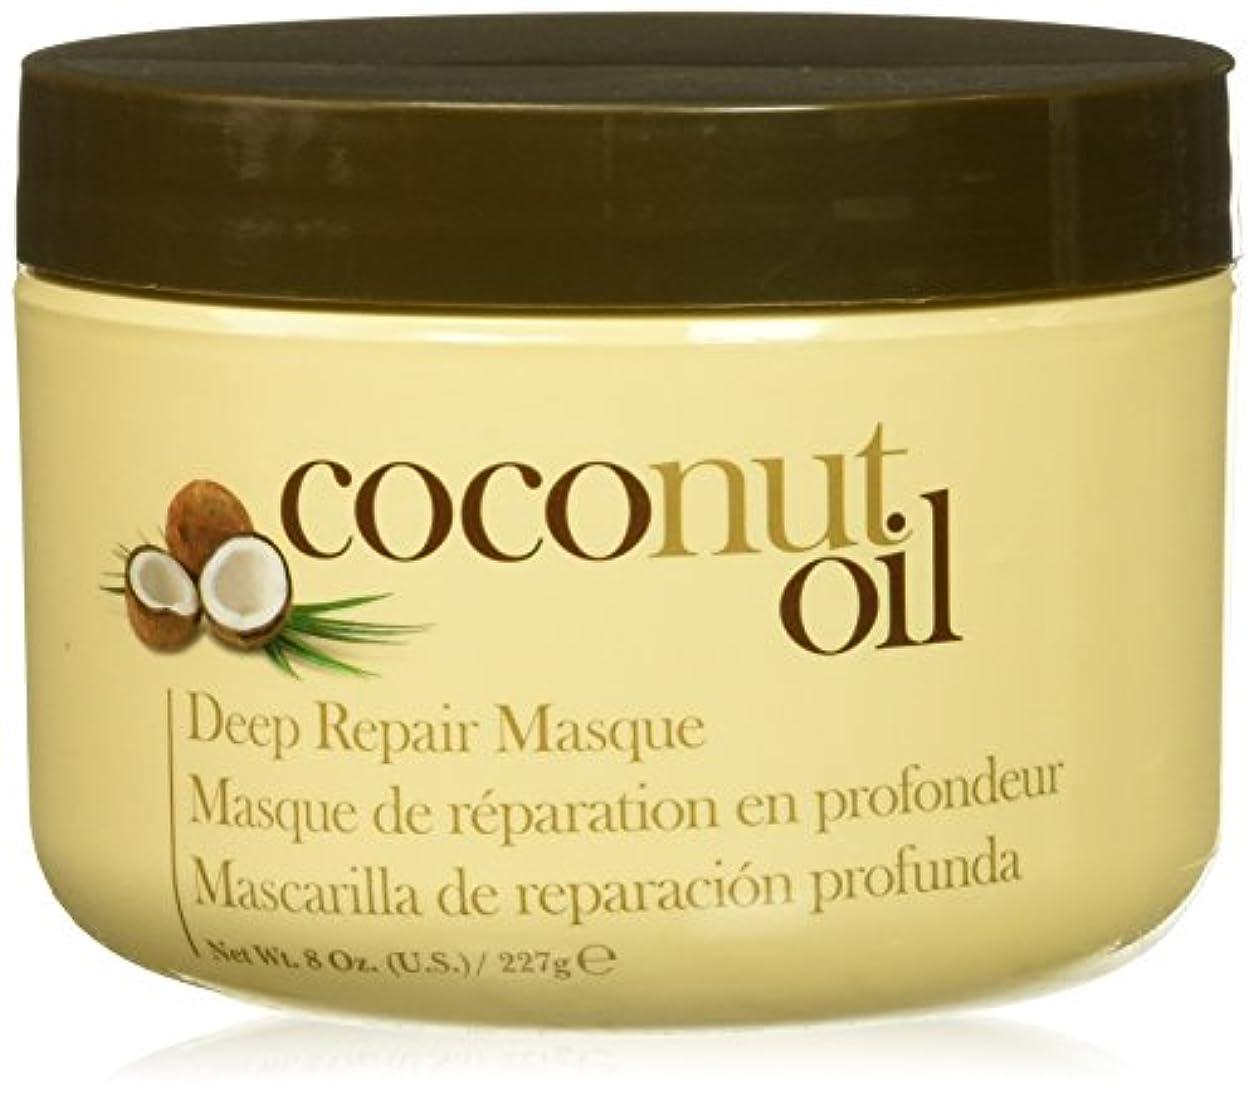 勧告堂々たるウィザードHair Chemist ヘアマスク ココナッツ オイル ディープリペアマスク 227g Coconut Oil Deep Repair Mask 1474 New York